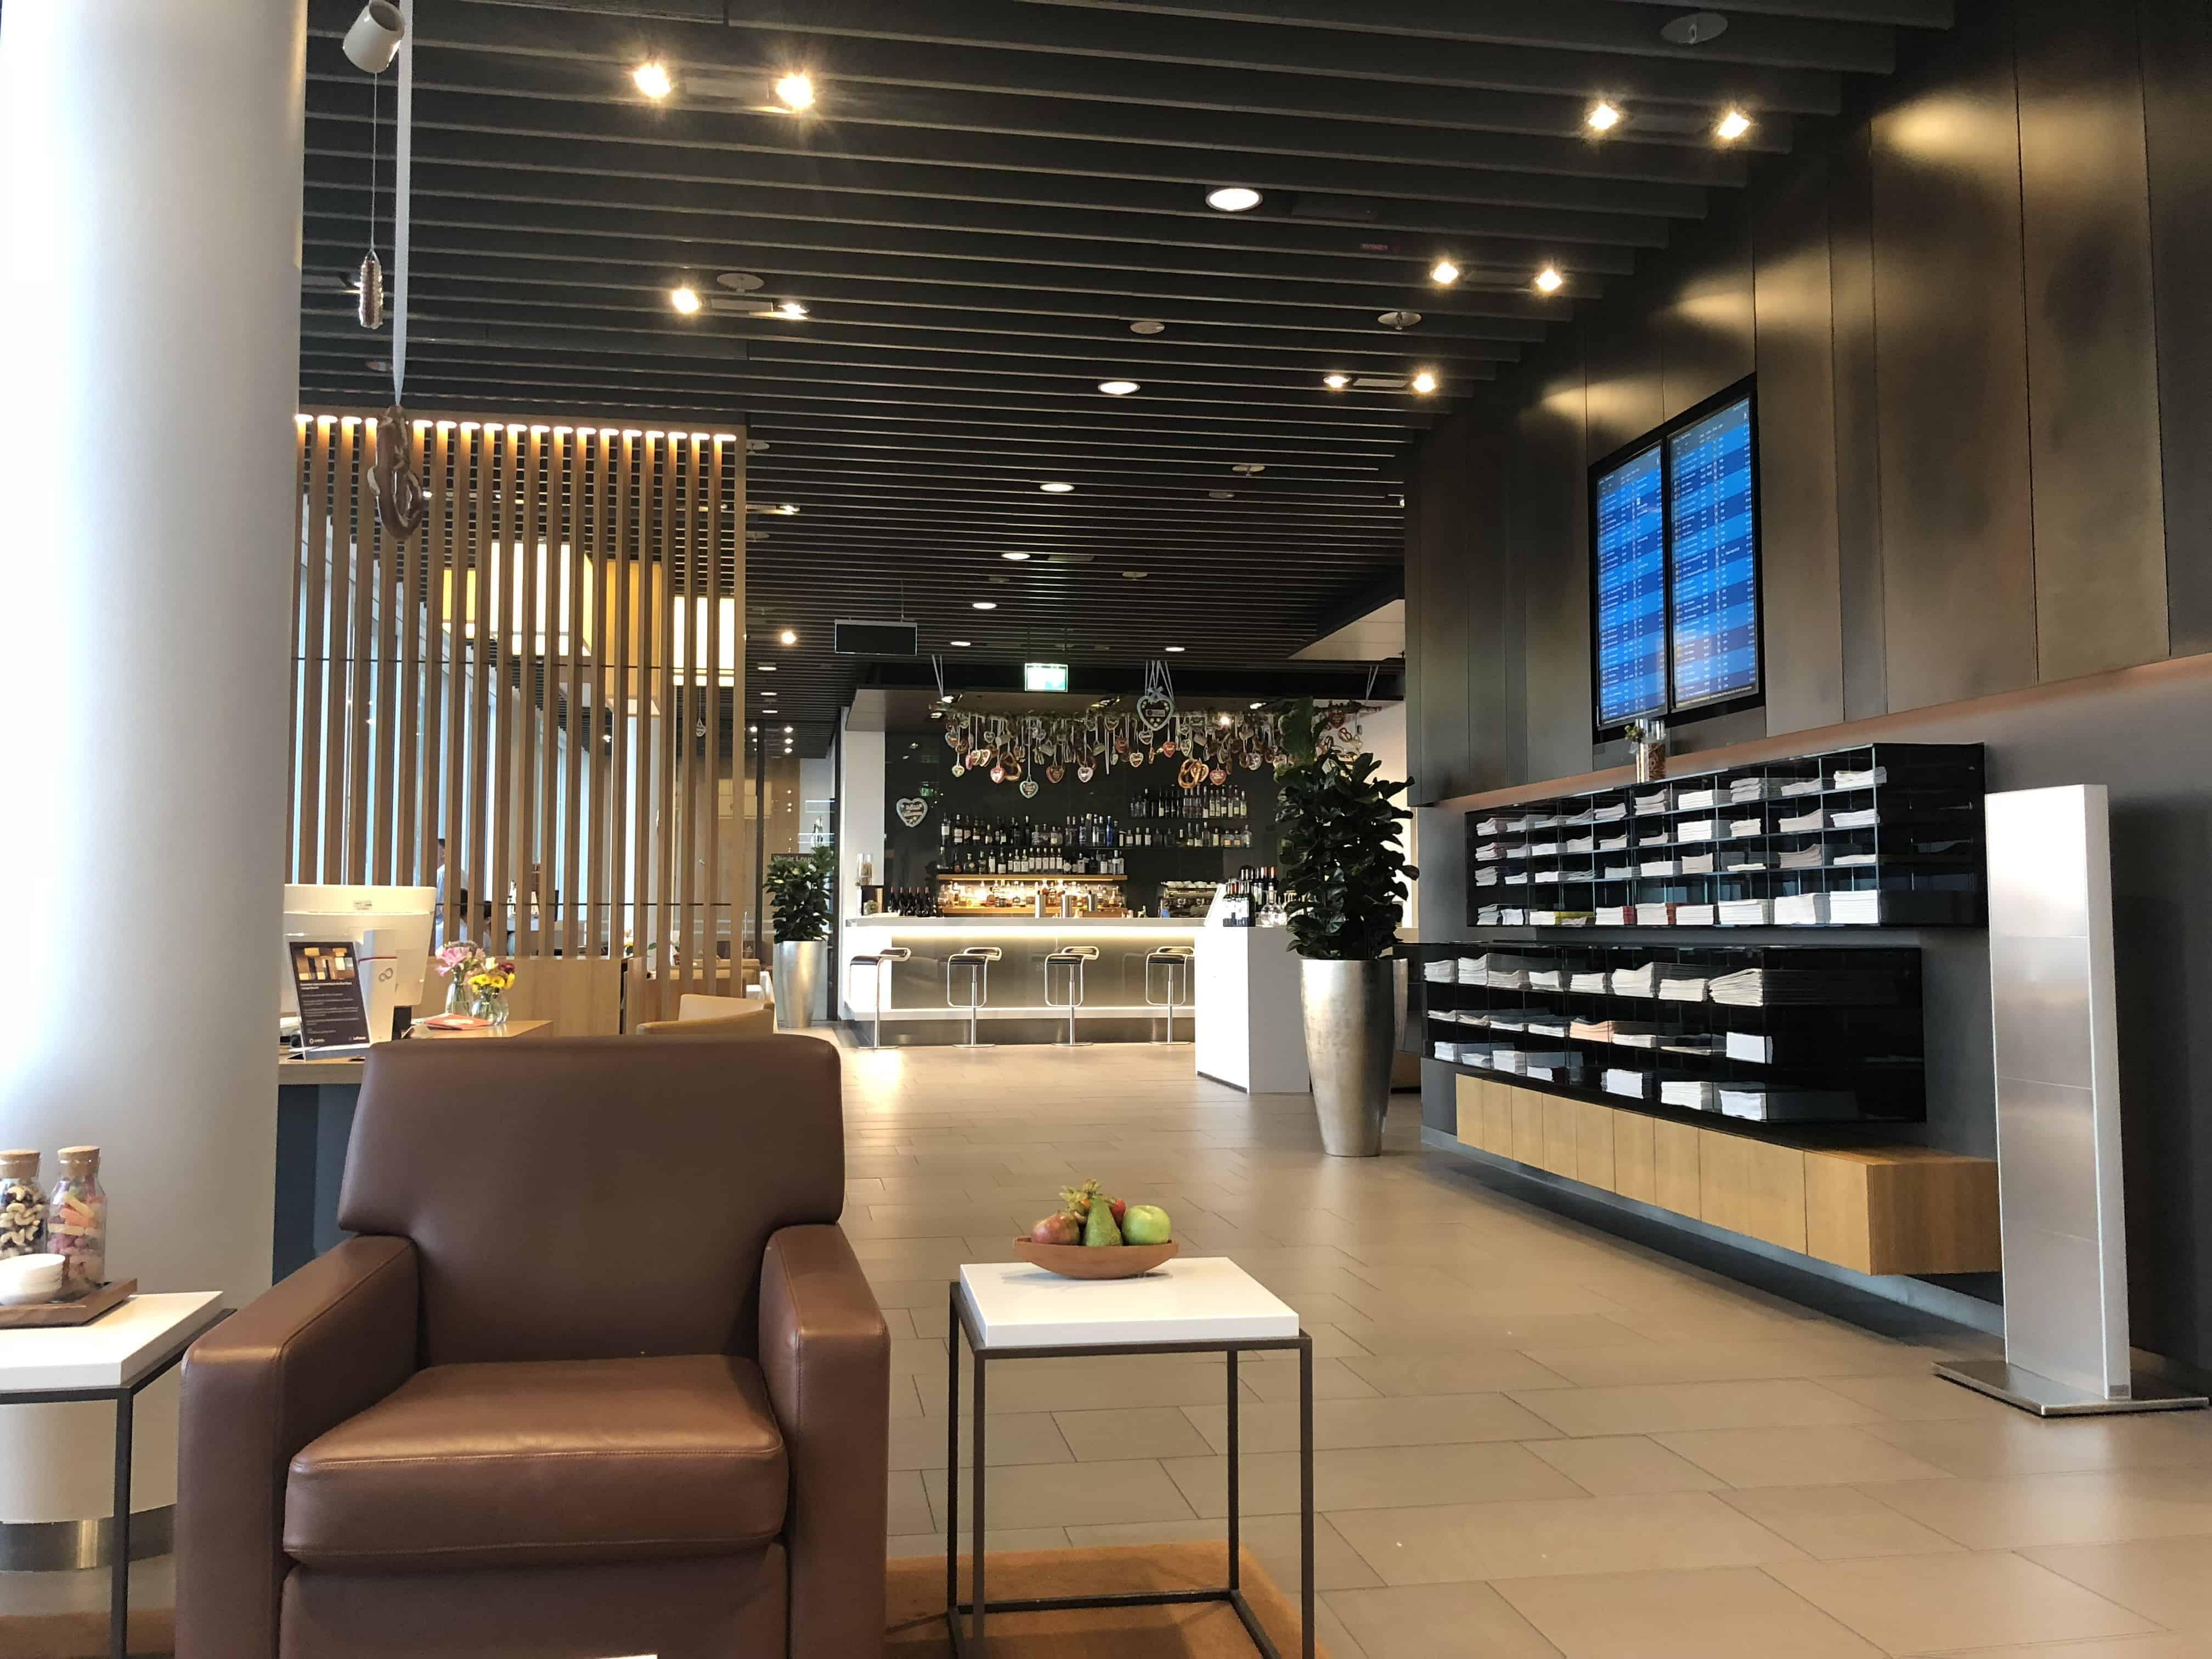 Lufthansa First Lounge MUC Lounge Ueberblick